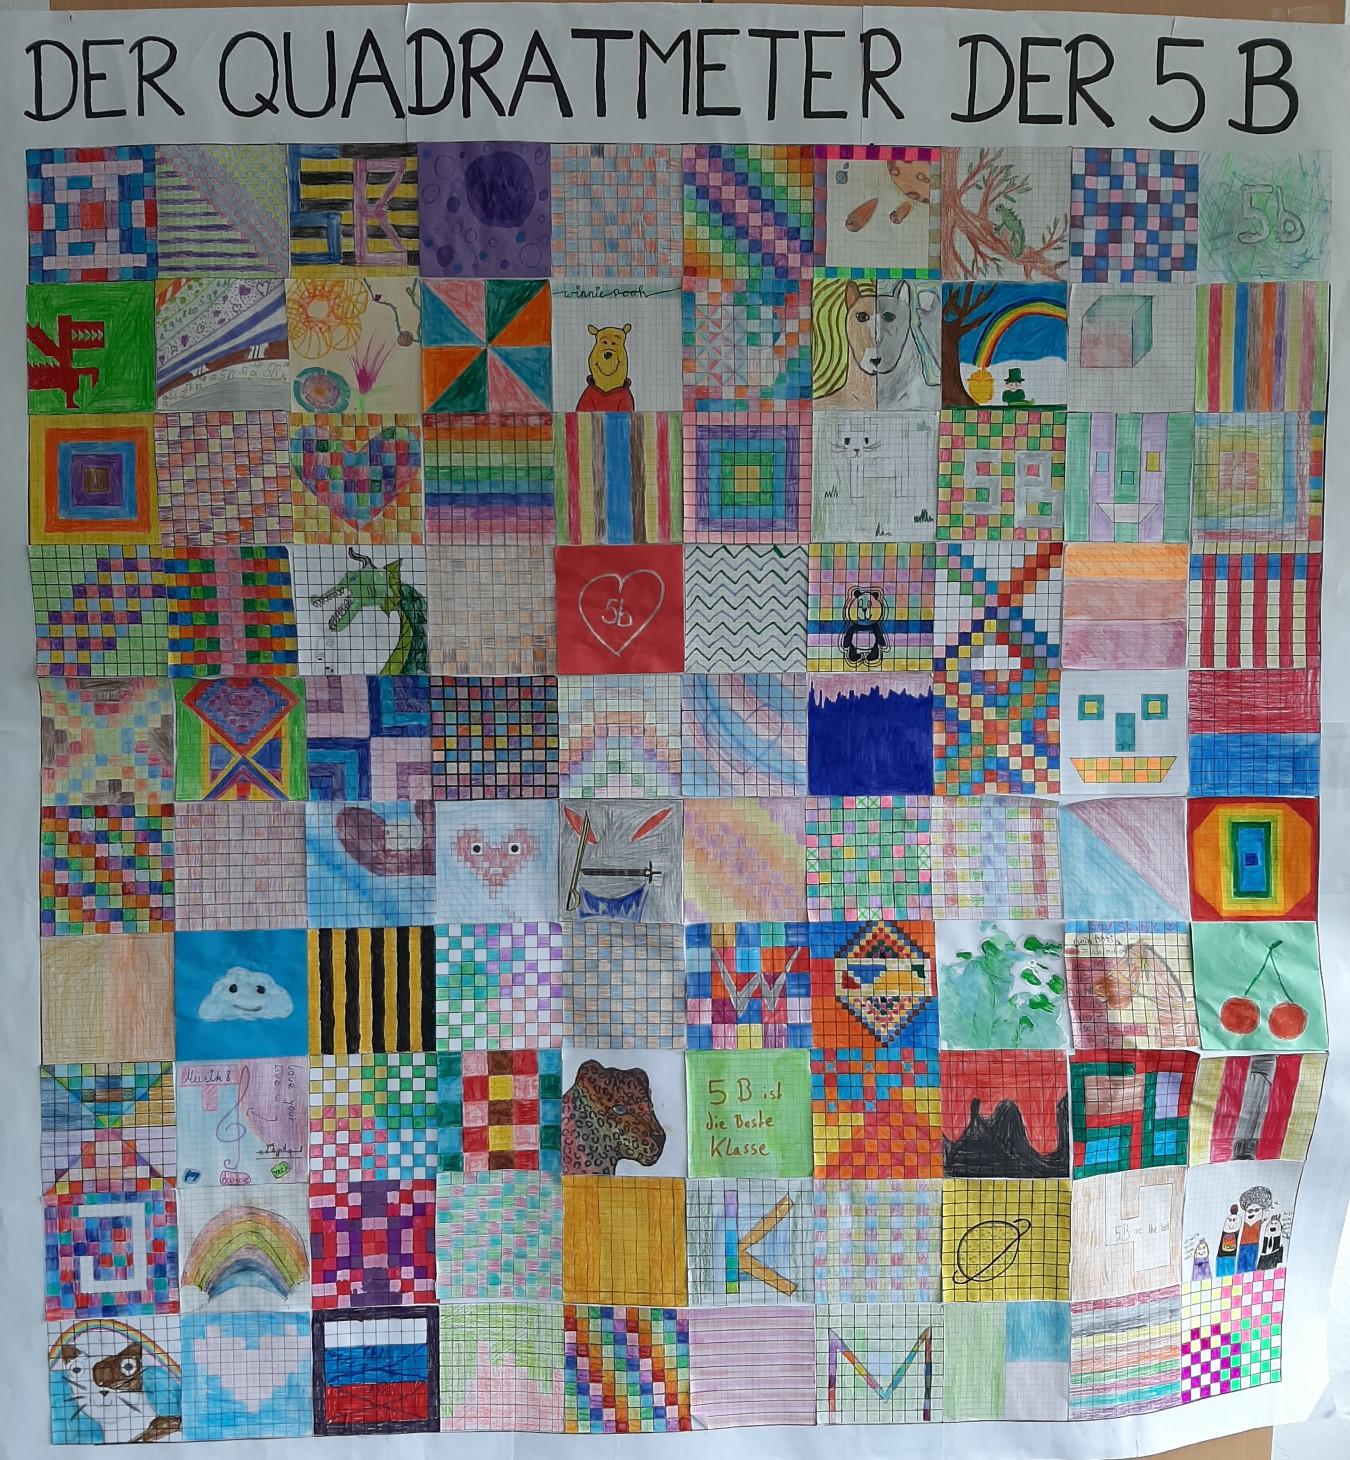 Quadratmeter5b